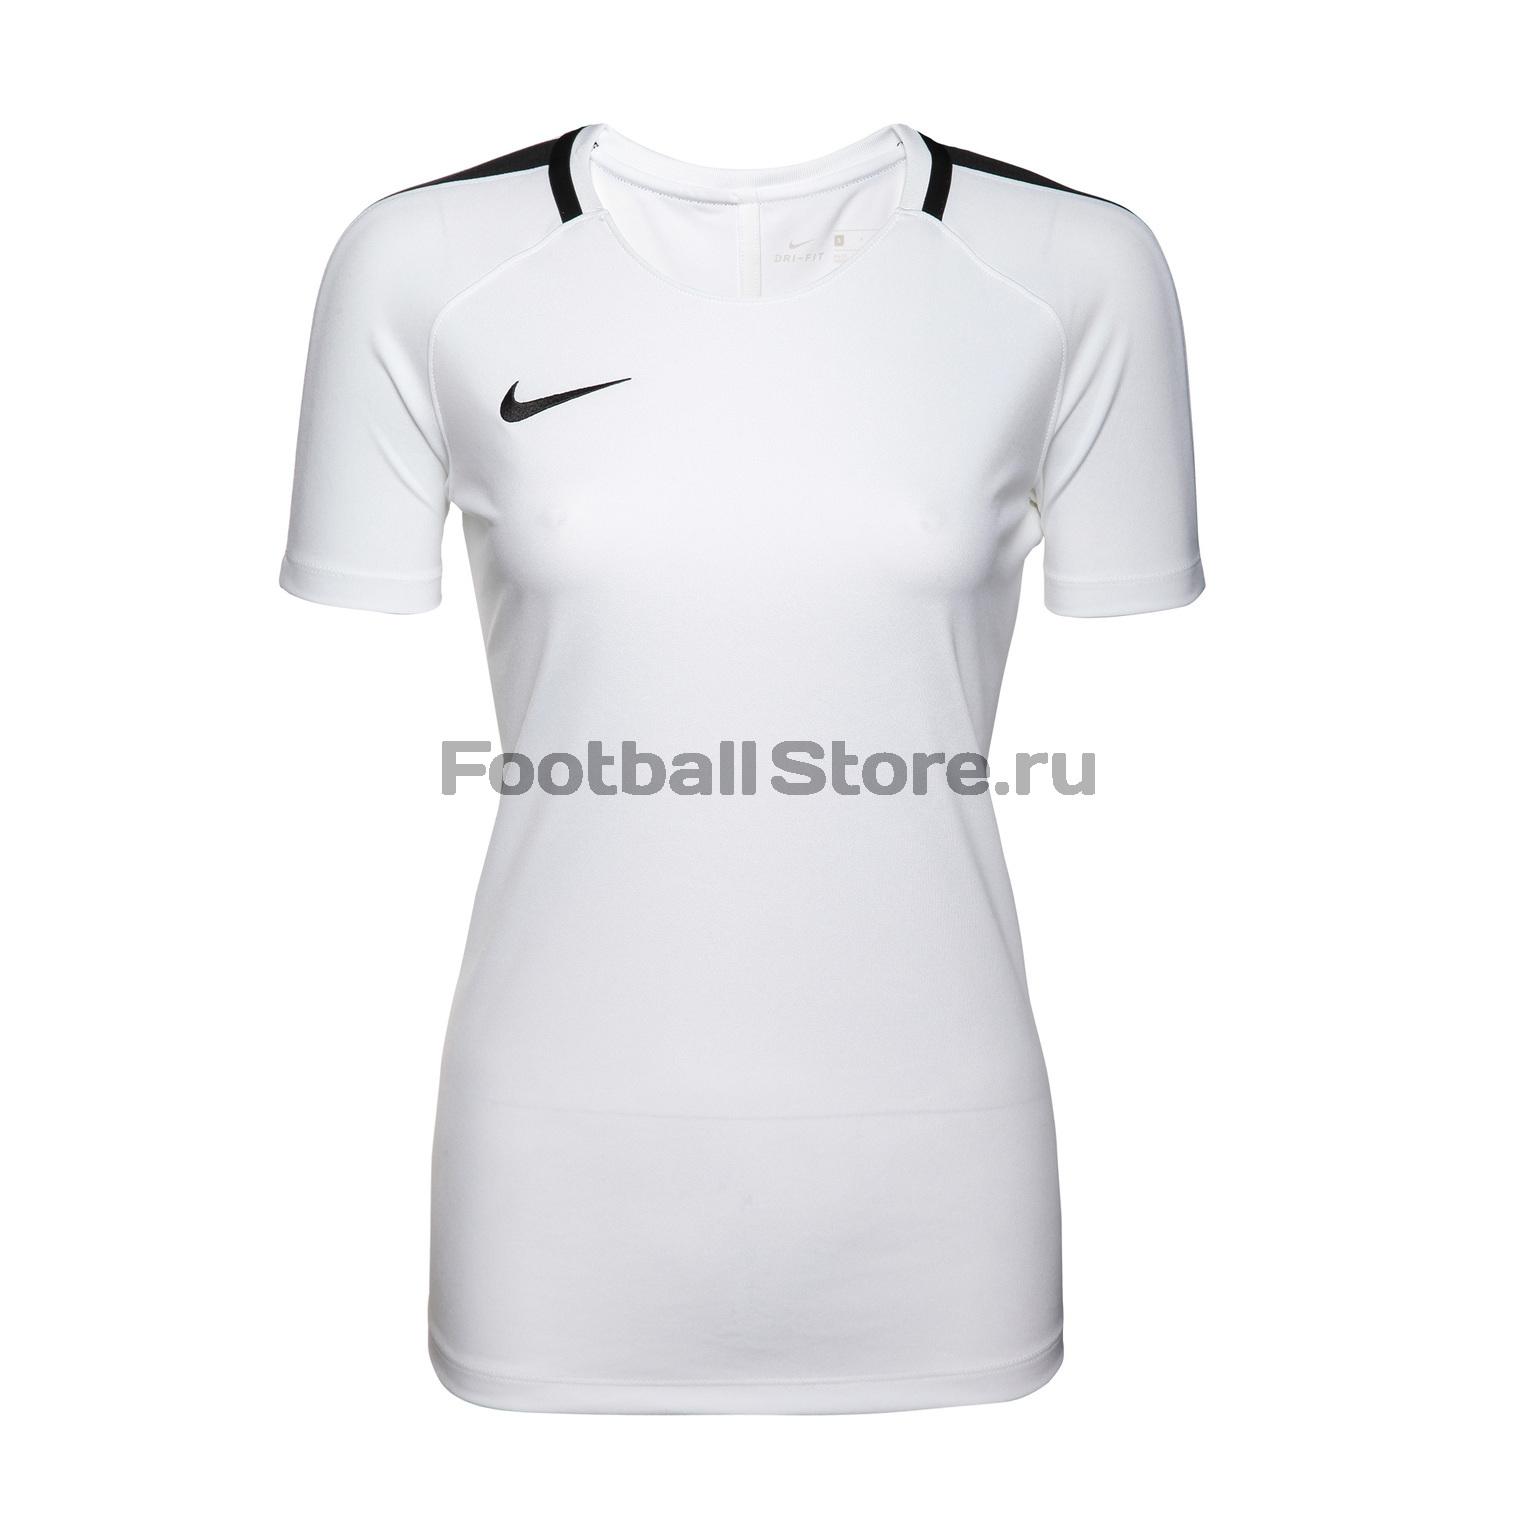 Футболка тренировочная женская Nike Academy 893741-100 цена 2017